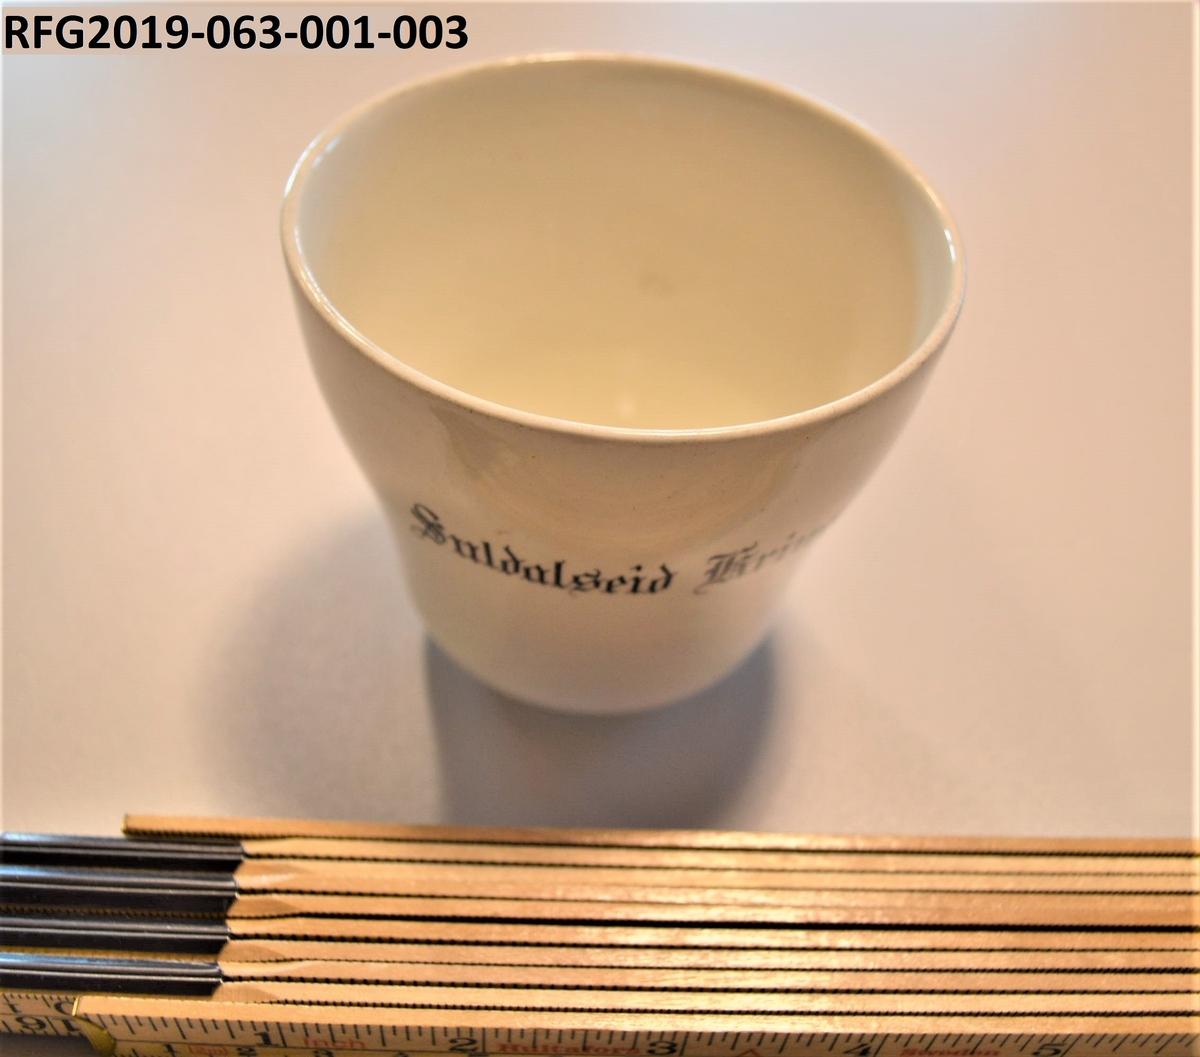 Suppefatene og den ovale skålen har stempel fra Egersund Fayancefabrik fra perioden 1920-1952, to av asjettene har stempel fra Egersund Fayancefabrik som dateres til perioden ca. 1920-1925. Alle delene er hvite og har innskrift «Suldalseid Krins.», men ikke noe annet mønster. Museet har allerede en kaffekopp, en skål og en asjett i samme utforming og med samme innskrift i samlingen (RFG2009-069-114).  Objektene er del av et dødsbo etter Laurense Valskår og Signe Torsvik, Suldalseid. De ble sendt til Signe Løk i Vinje som igjen sendte dem med Gunnbjørg Kvarstein til Ryfylkemuseet. Gunnbjørg Kvarstein nevnte at giveren Signe Løk ikke var interessert i objektene og at de skulle kasseres dersom museet ikke var interessert i å ta objektene imot som gjenstander.